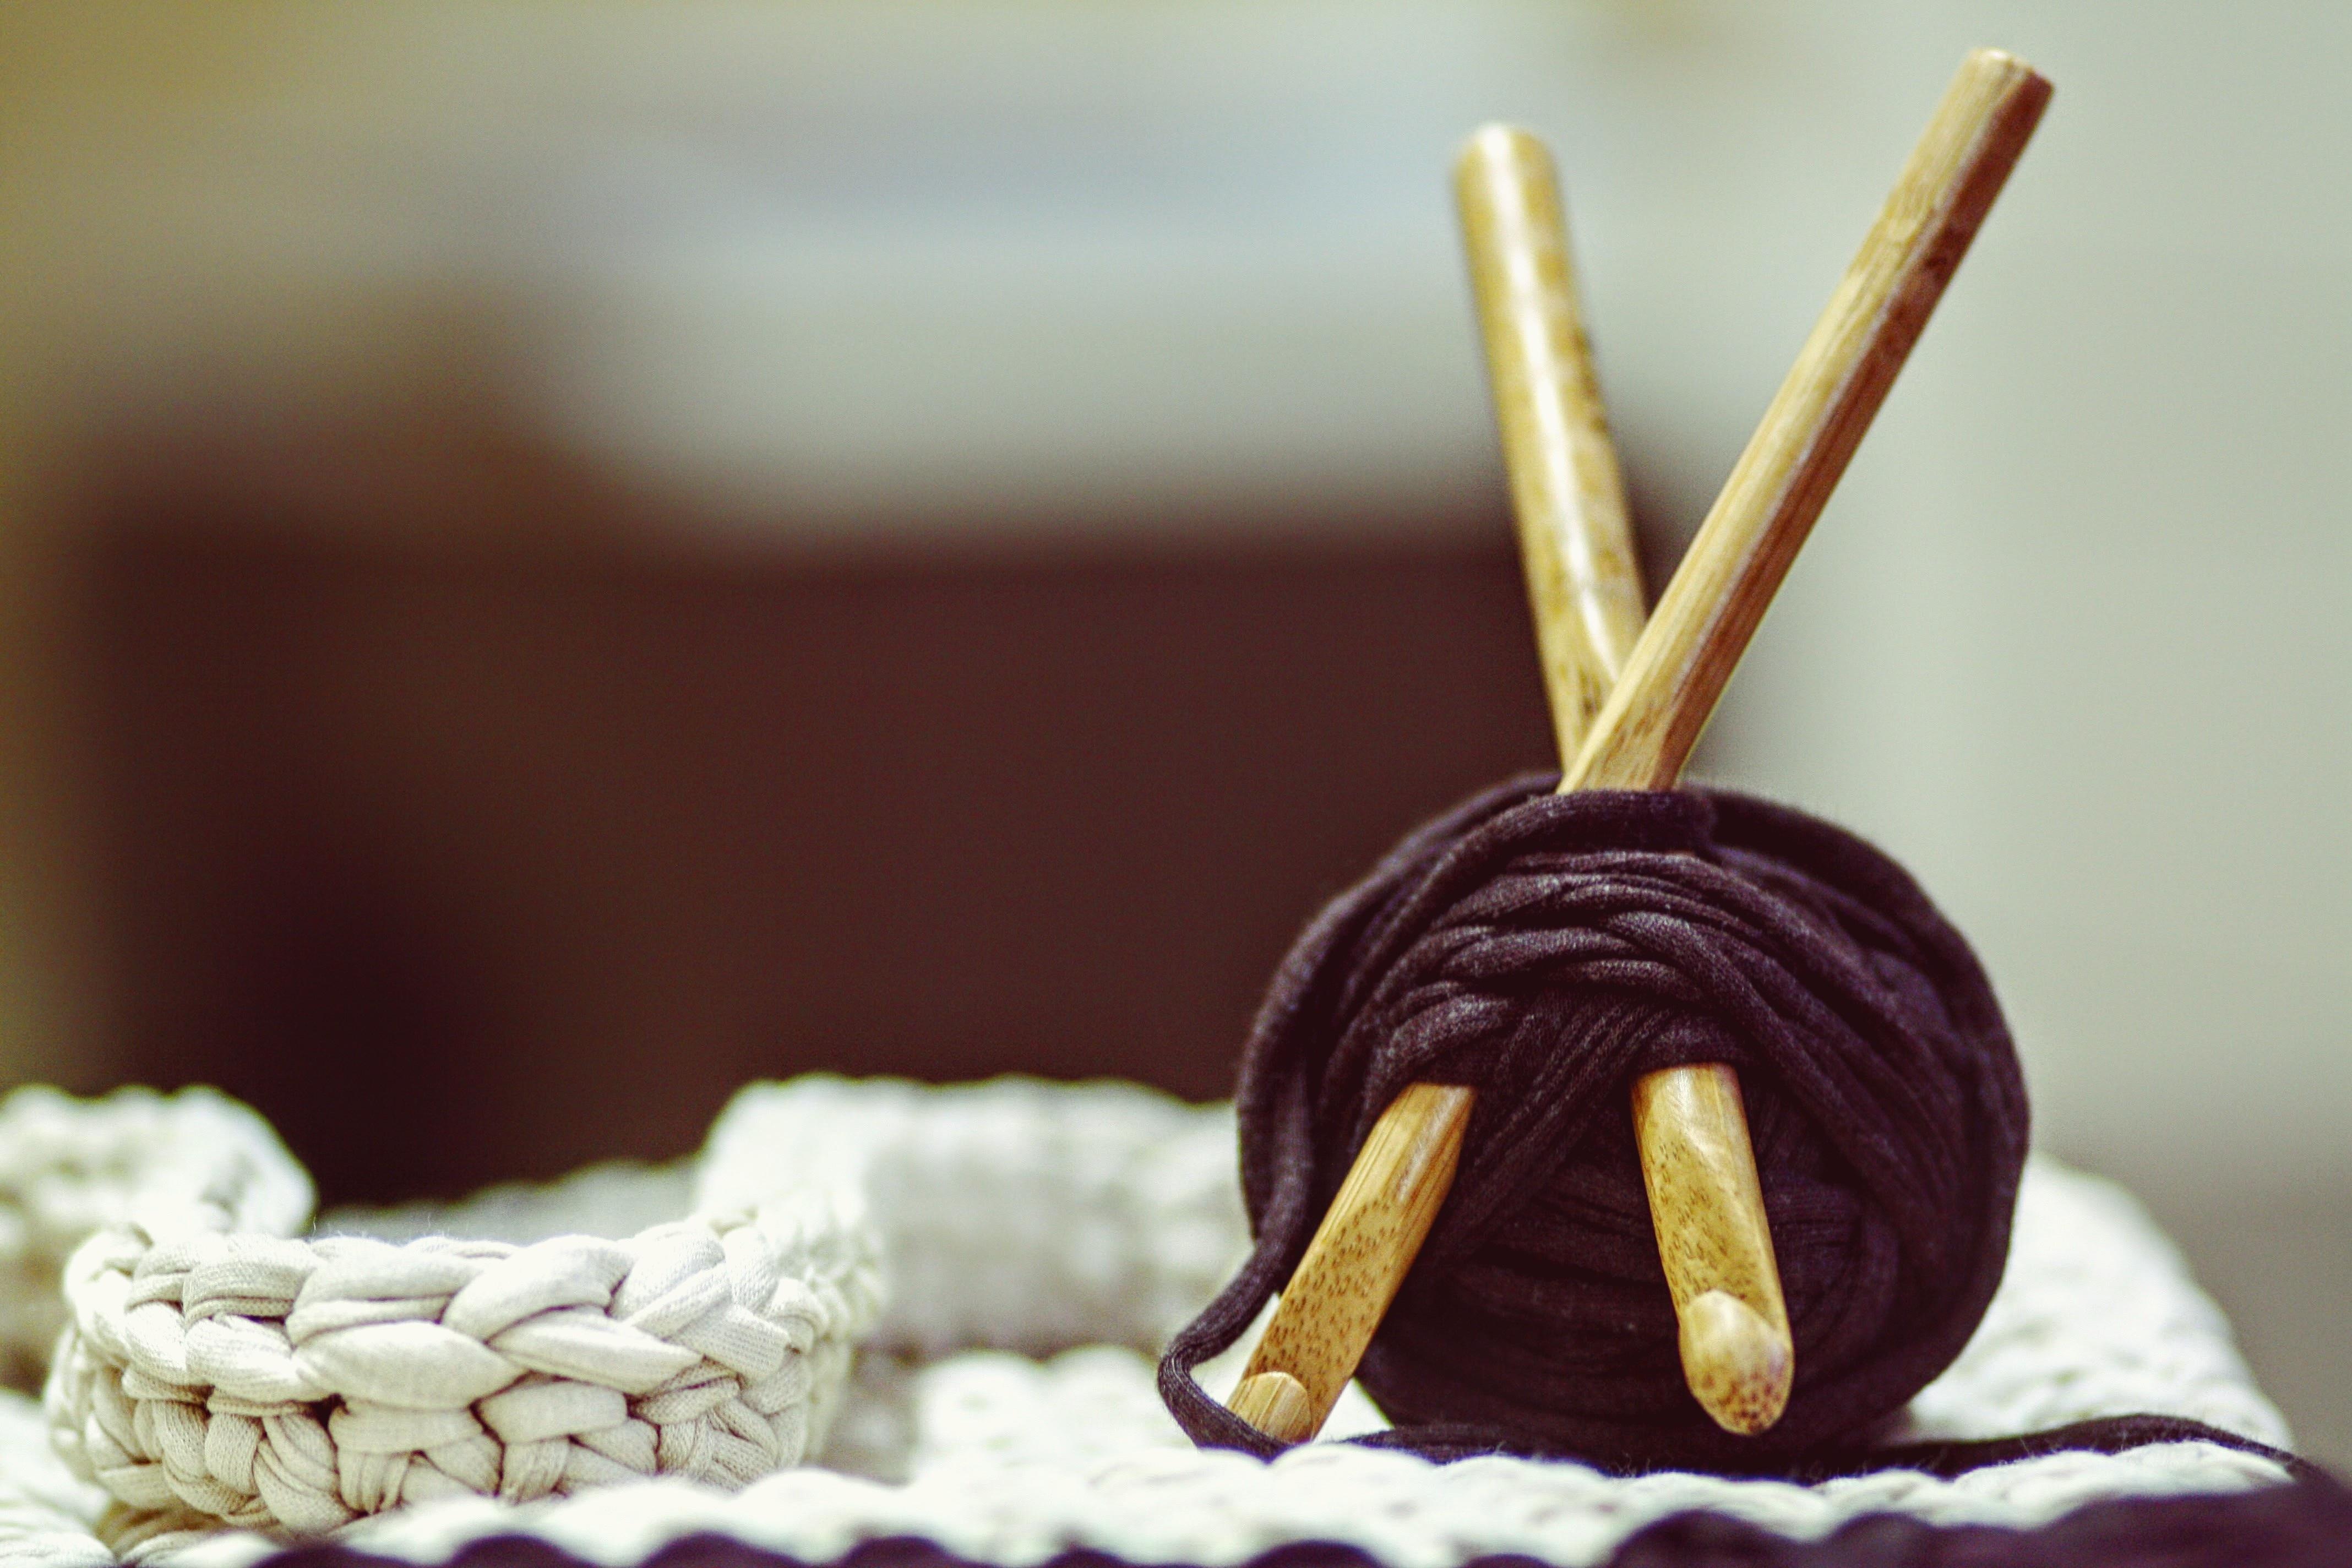 Fotos gratis : textura, patrón, comida, arte, tejer, chocolate ...